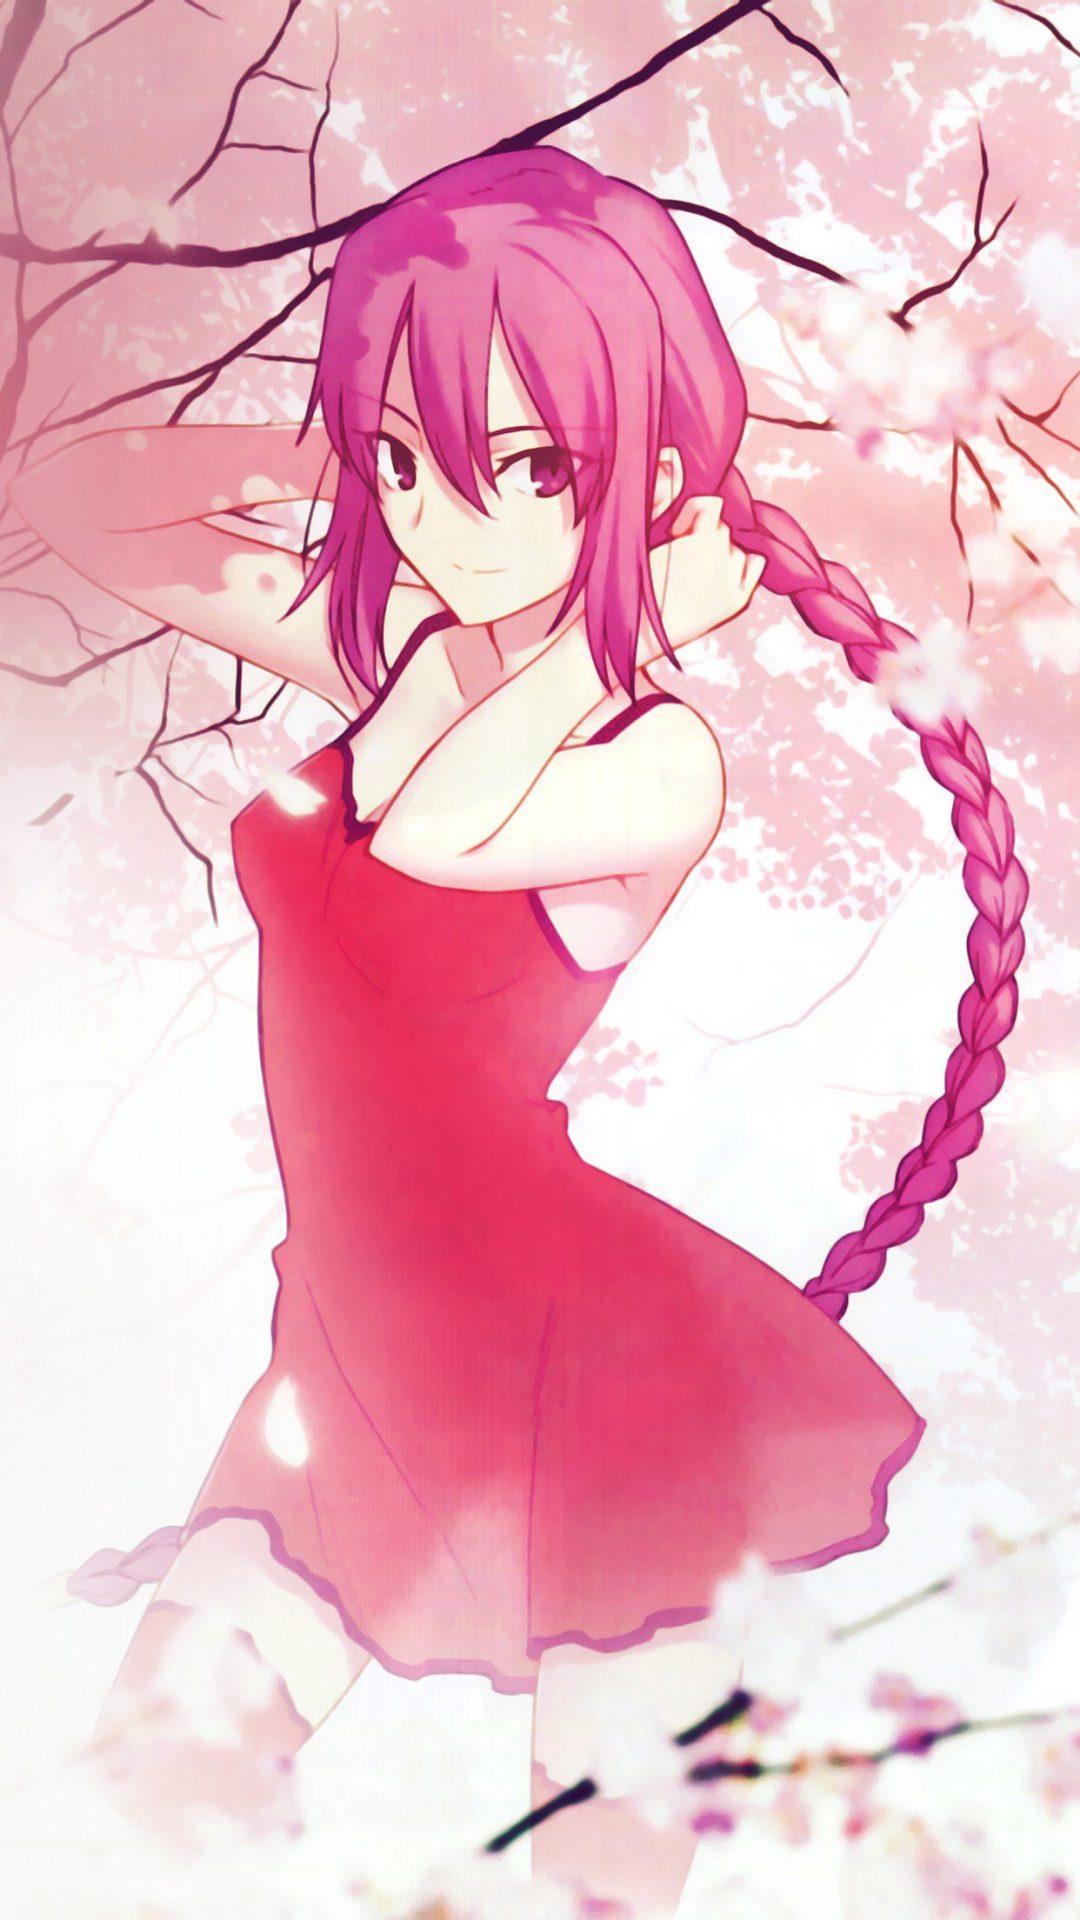 Pink Girl Anime Art Illustration Flower Blossom Flare